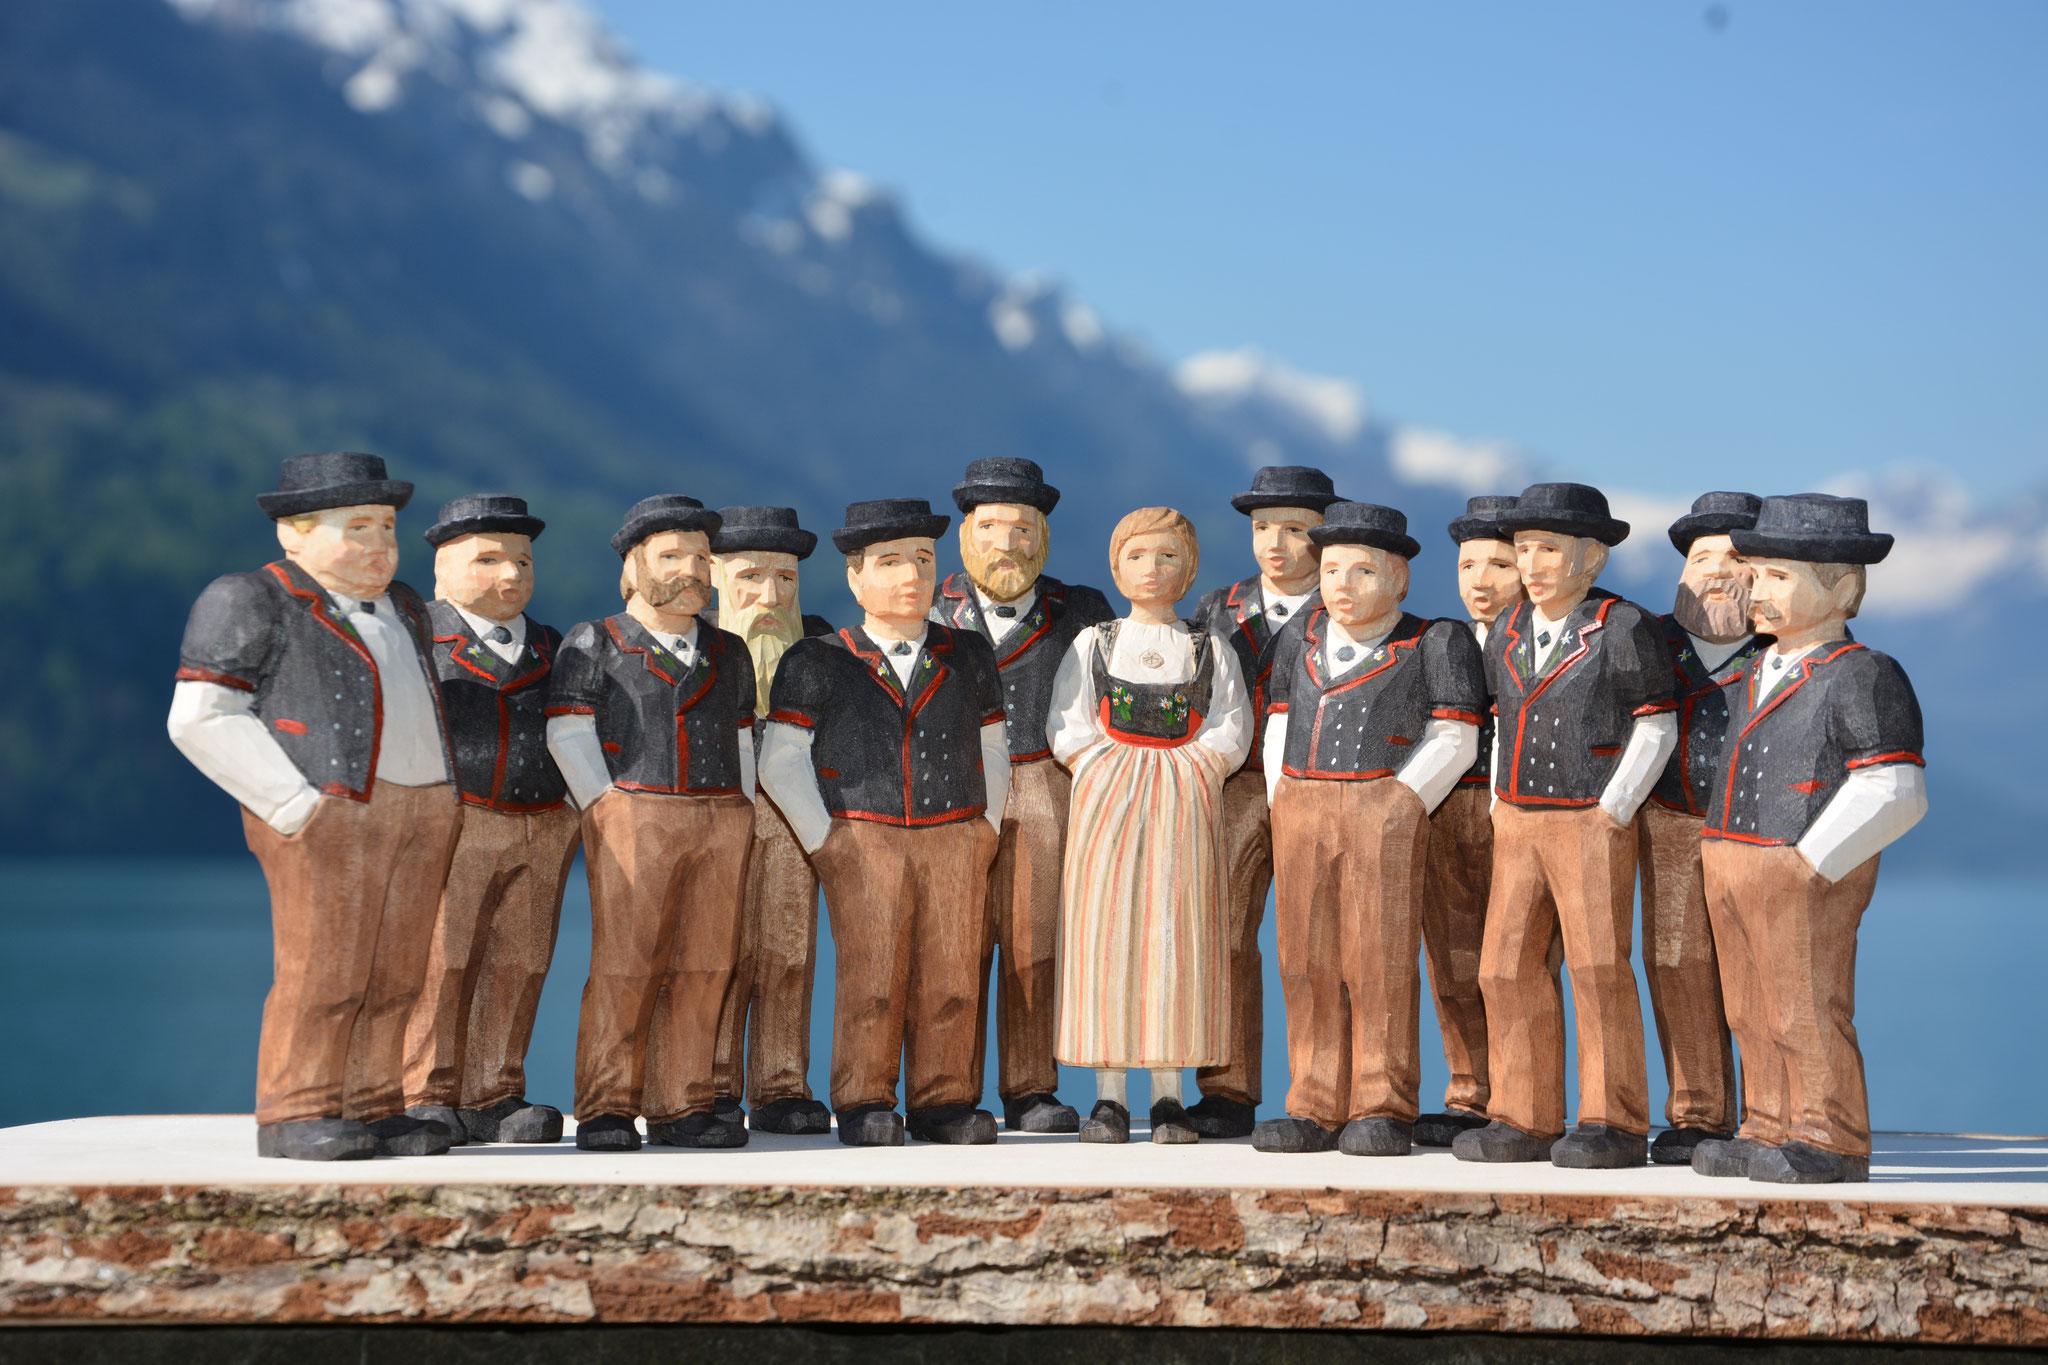 Jolderklub Hinderburg, Kunstprojekt